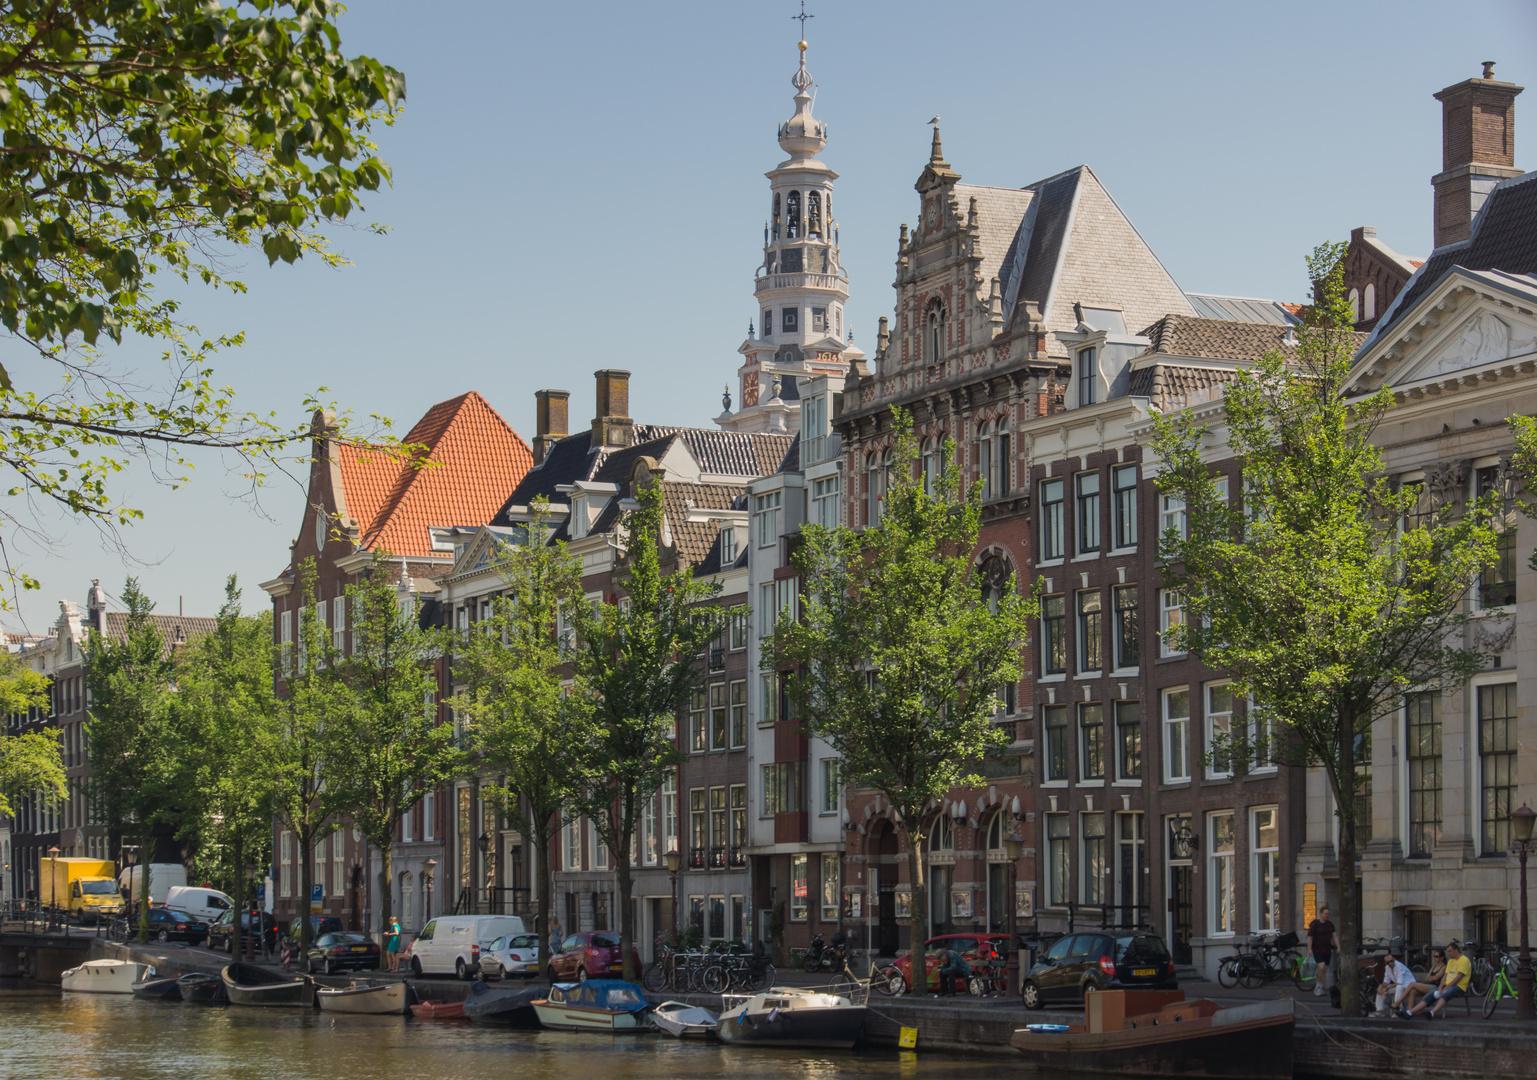 Grachtenansicht mit Zuiderkerk II - Amsterdam